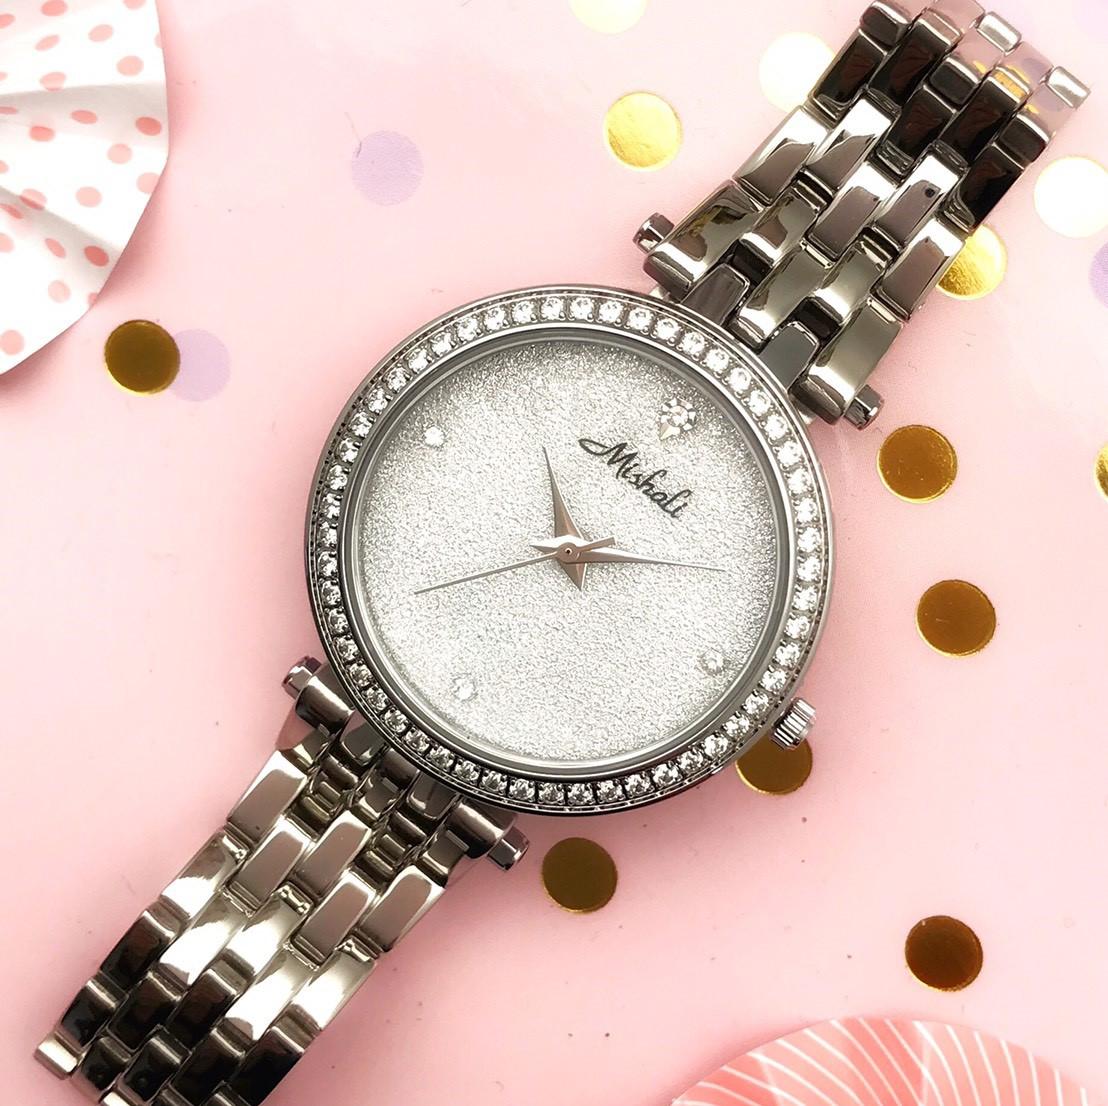 นาฬิกาข้อมือผู้หญิง MISHALI M17720 A